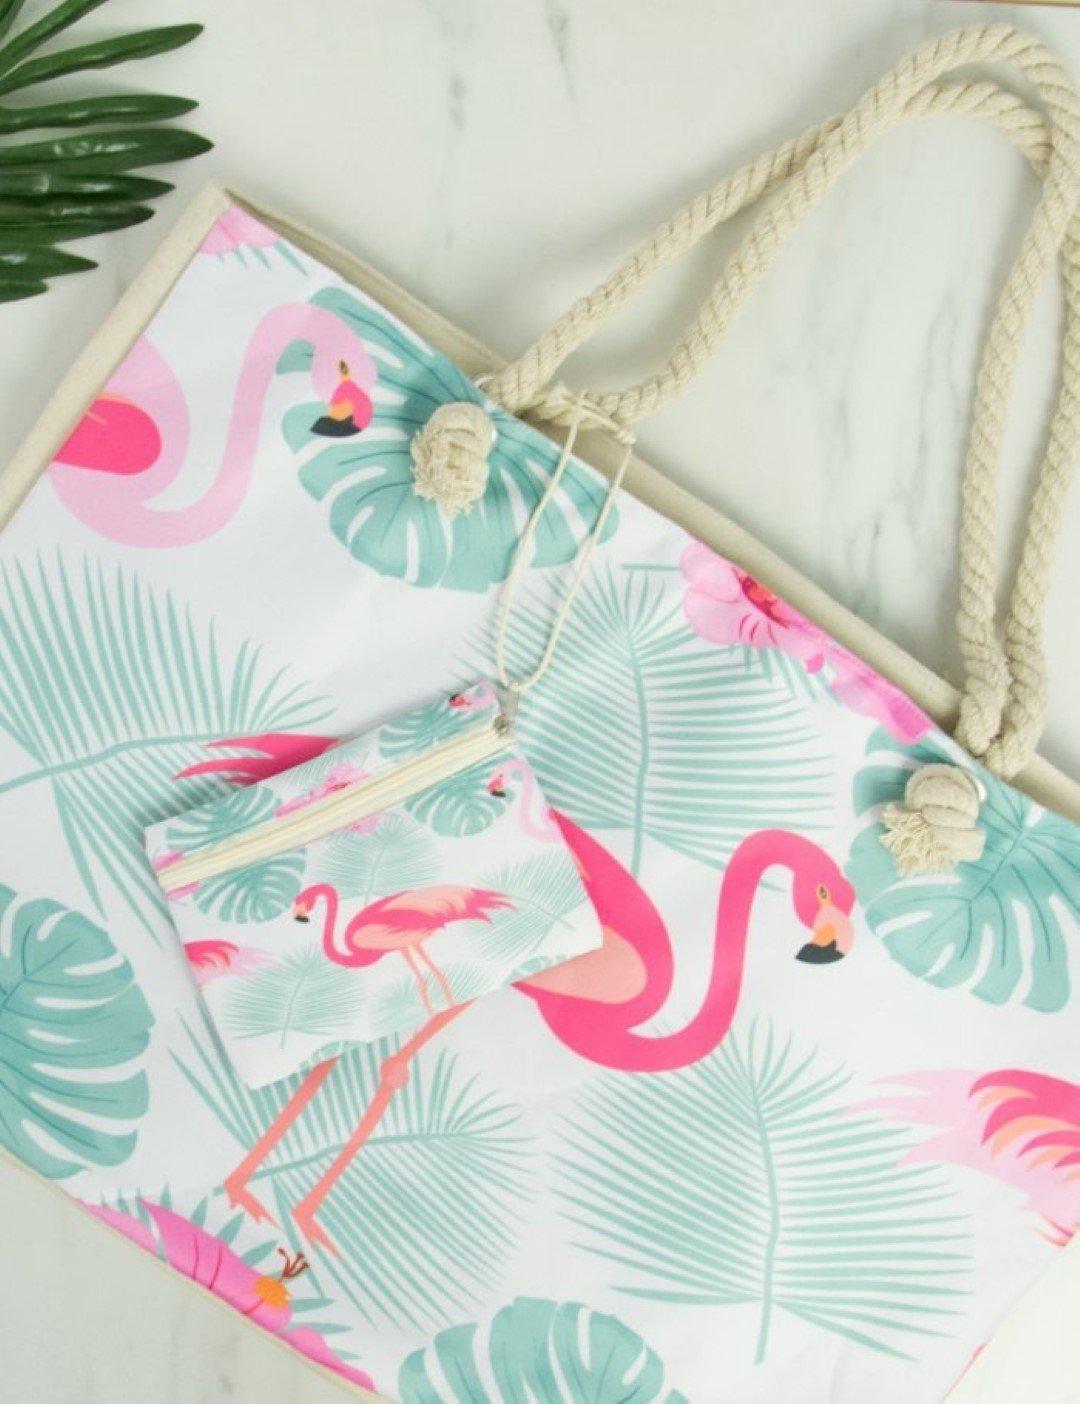 Μεγάλη Τσάντα παραλίας από toRouxo